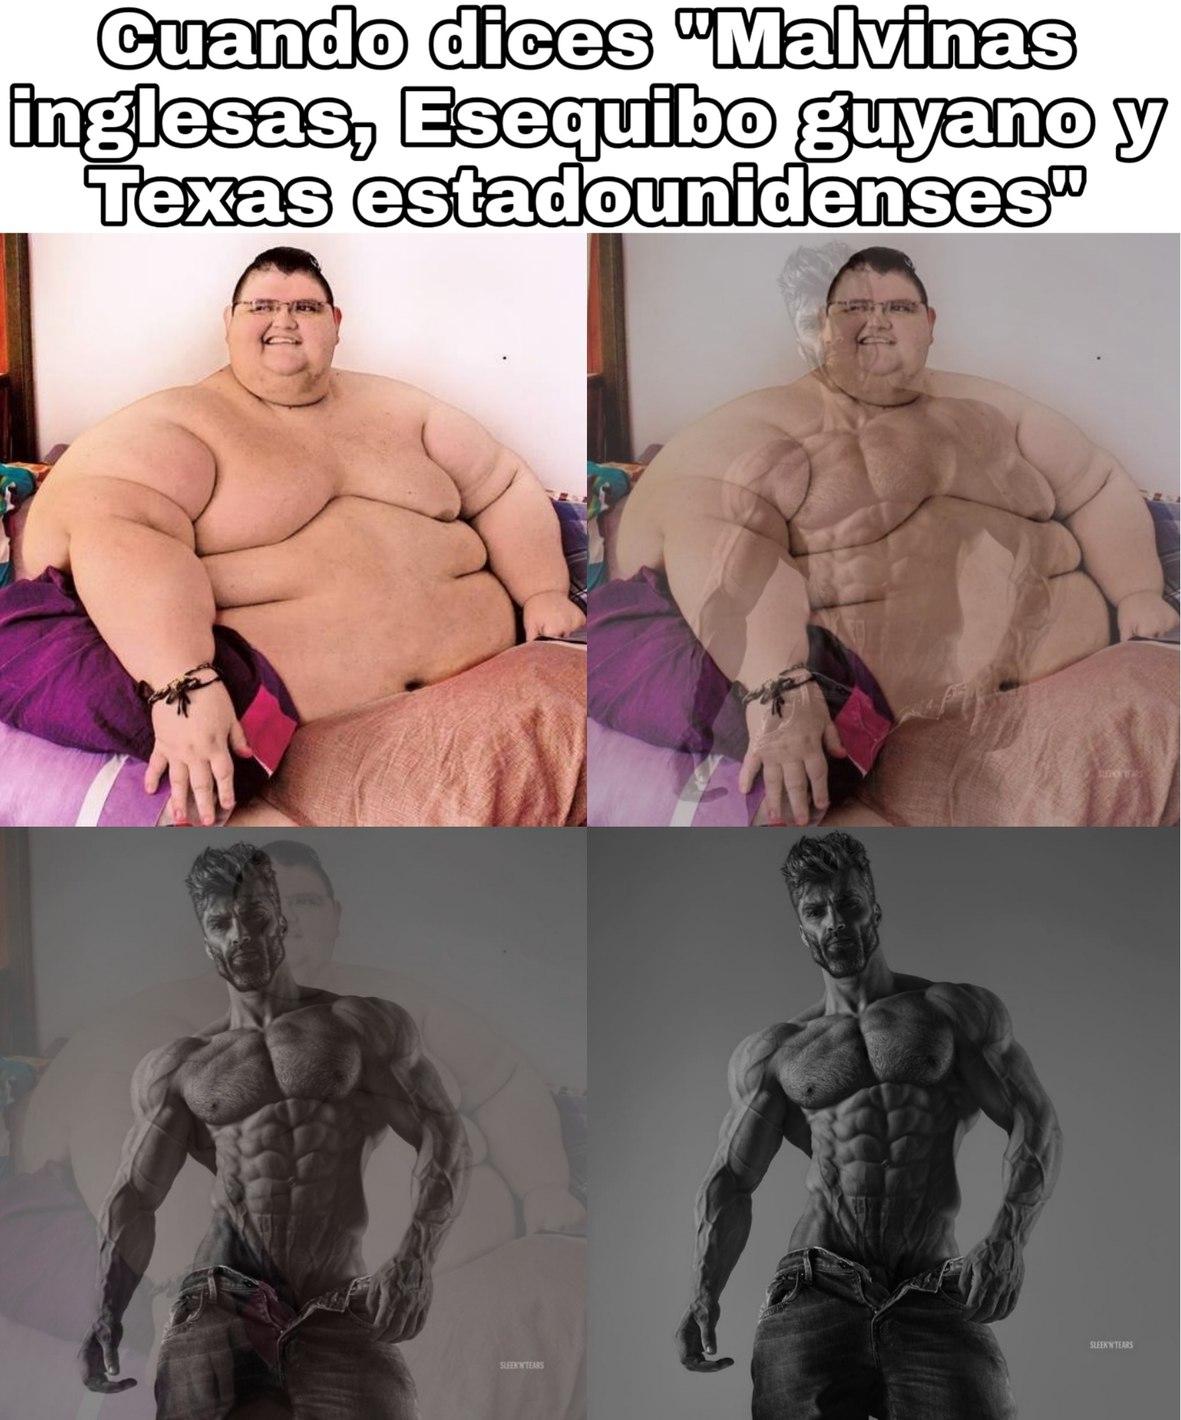 No pasará moderación - meme